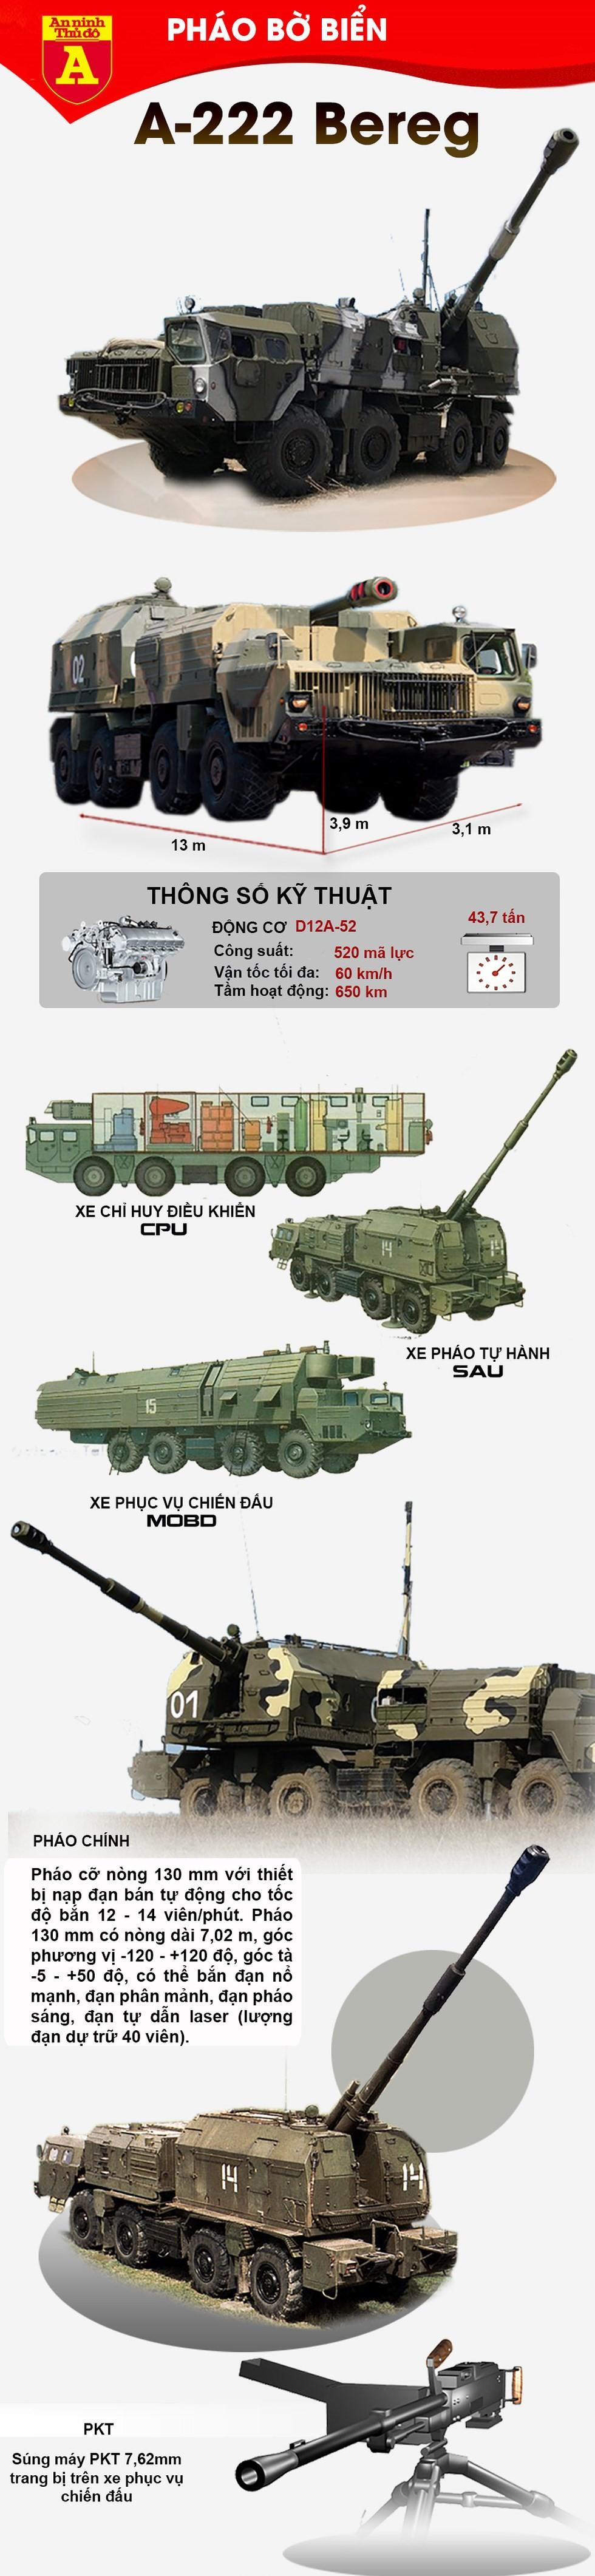 [Info] Siêu pháo A-222 Bereg của Nga vì sao thất thế? ảnh 2